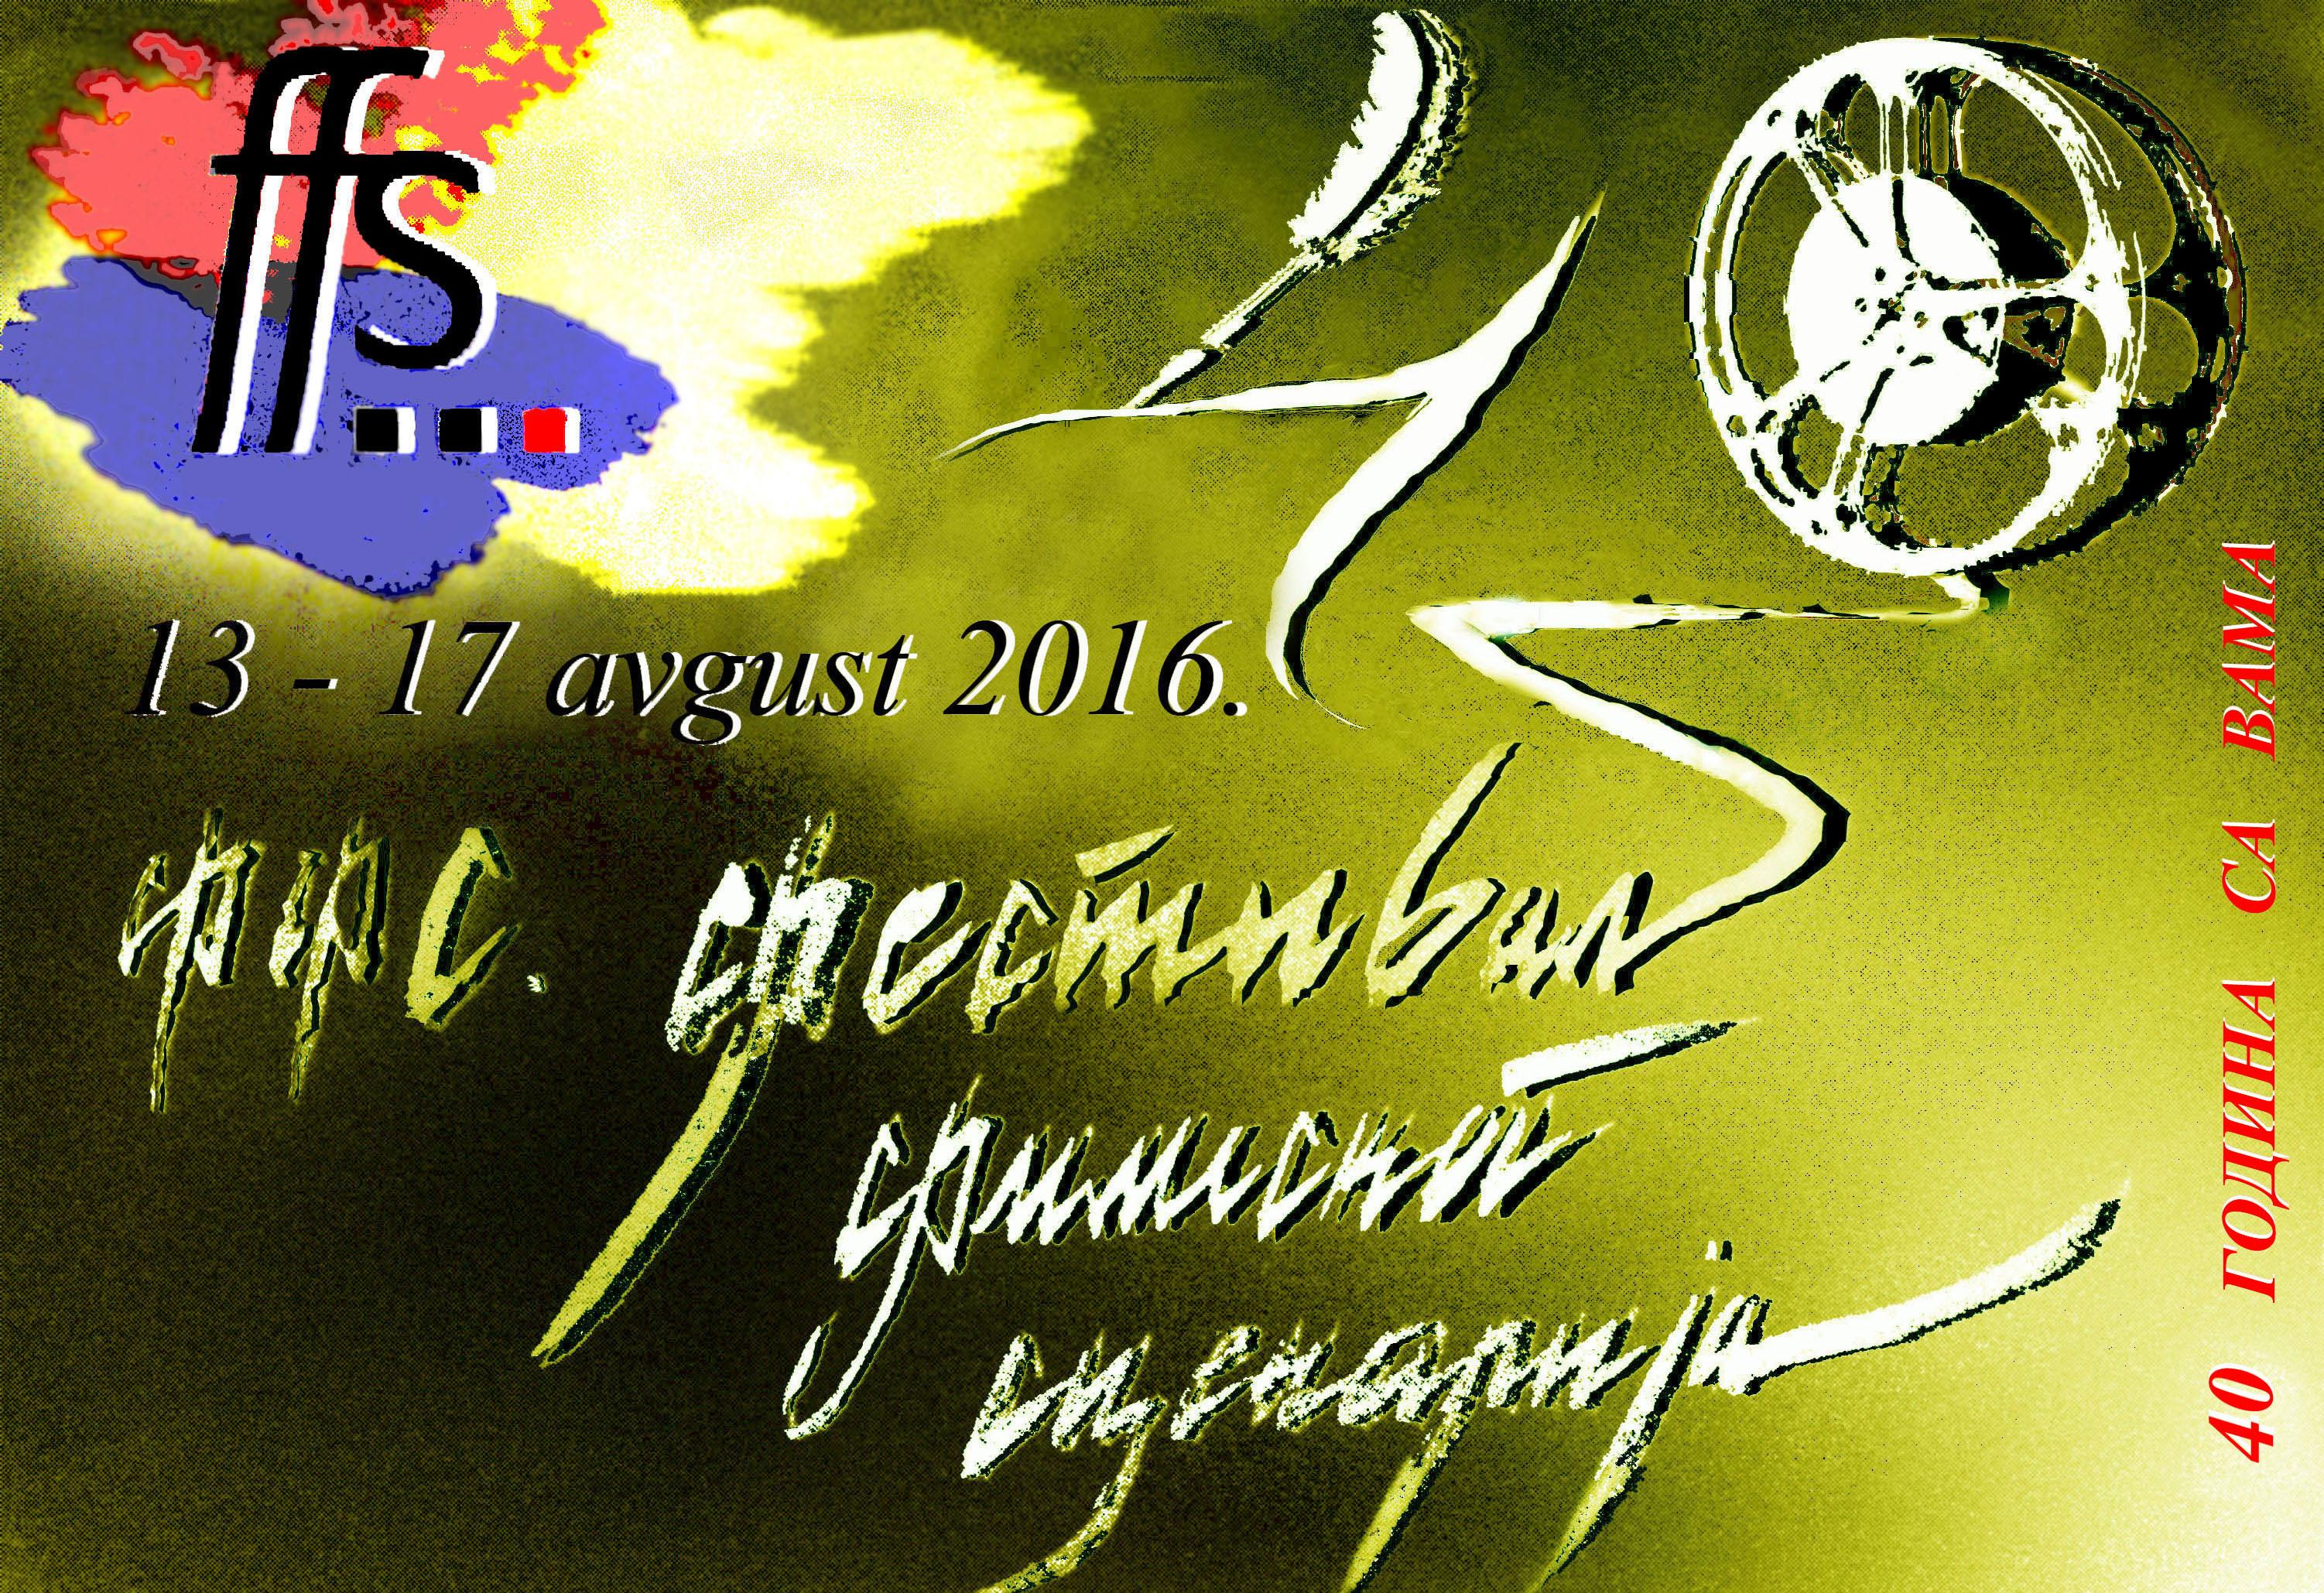 Festival filmskog scenarija